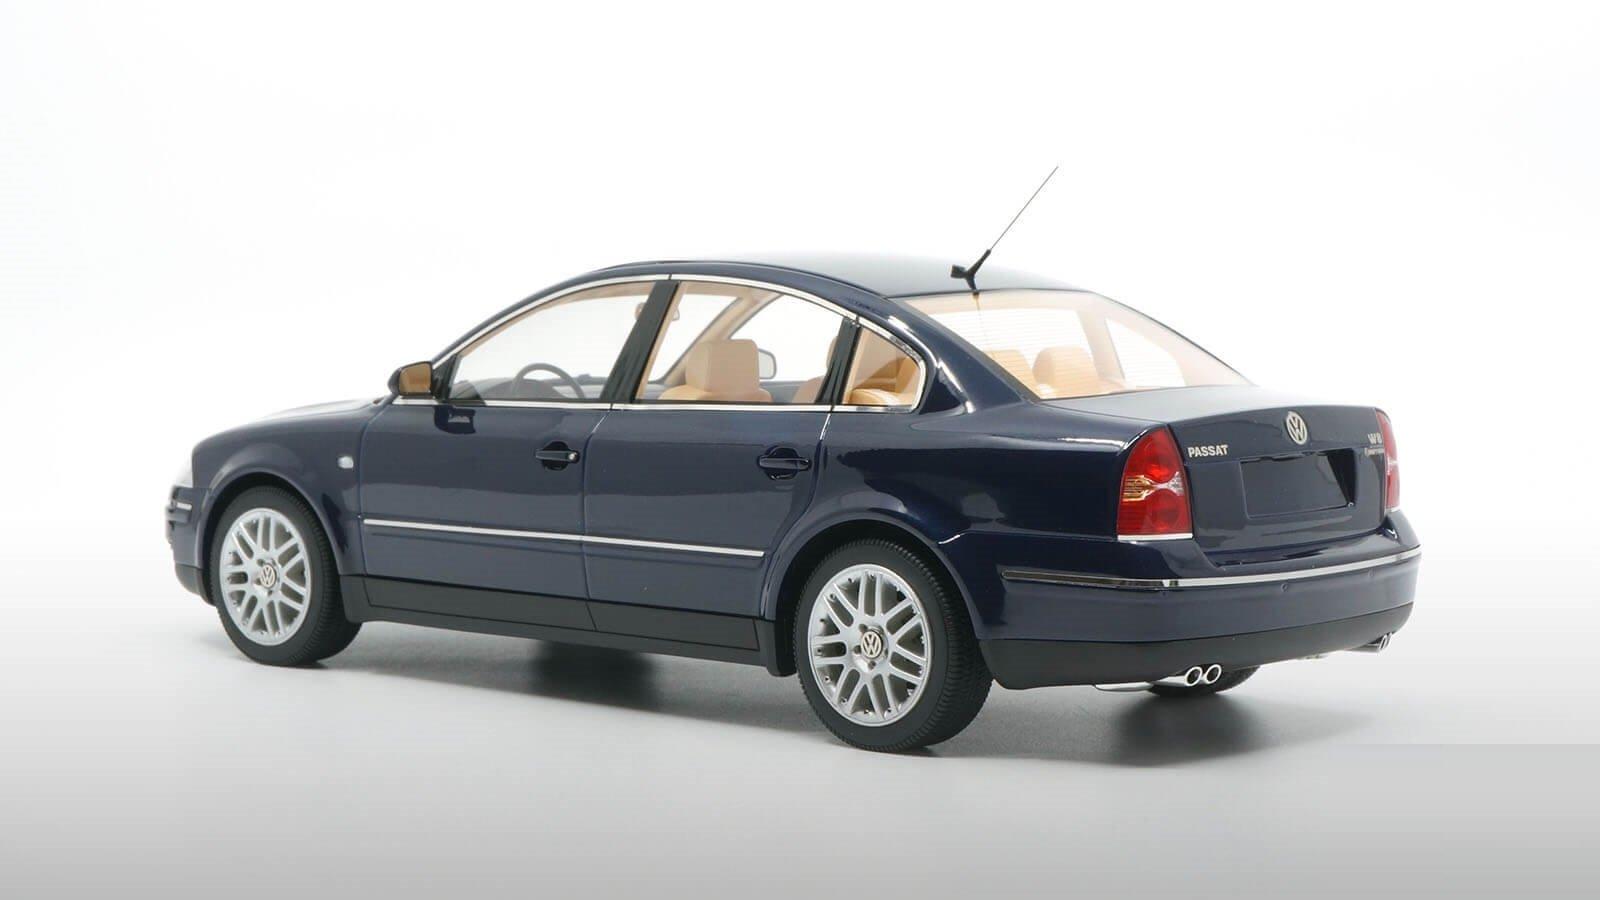 1:18 DNA COLLECTIBLES 2001 Volkswagen Passat W8 dark blue LE 320 pcs IN STOCK !